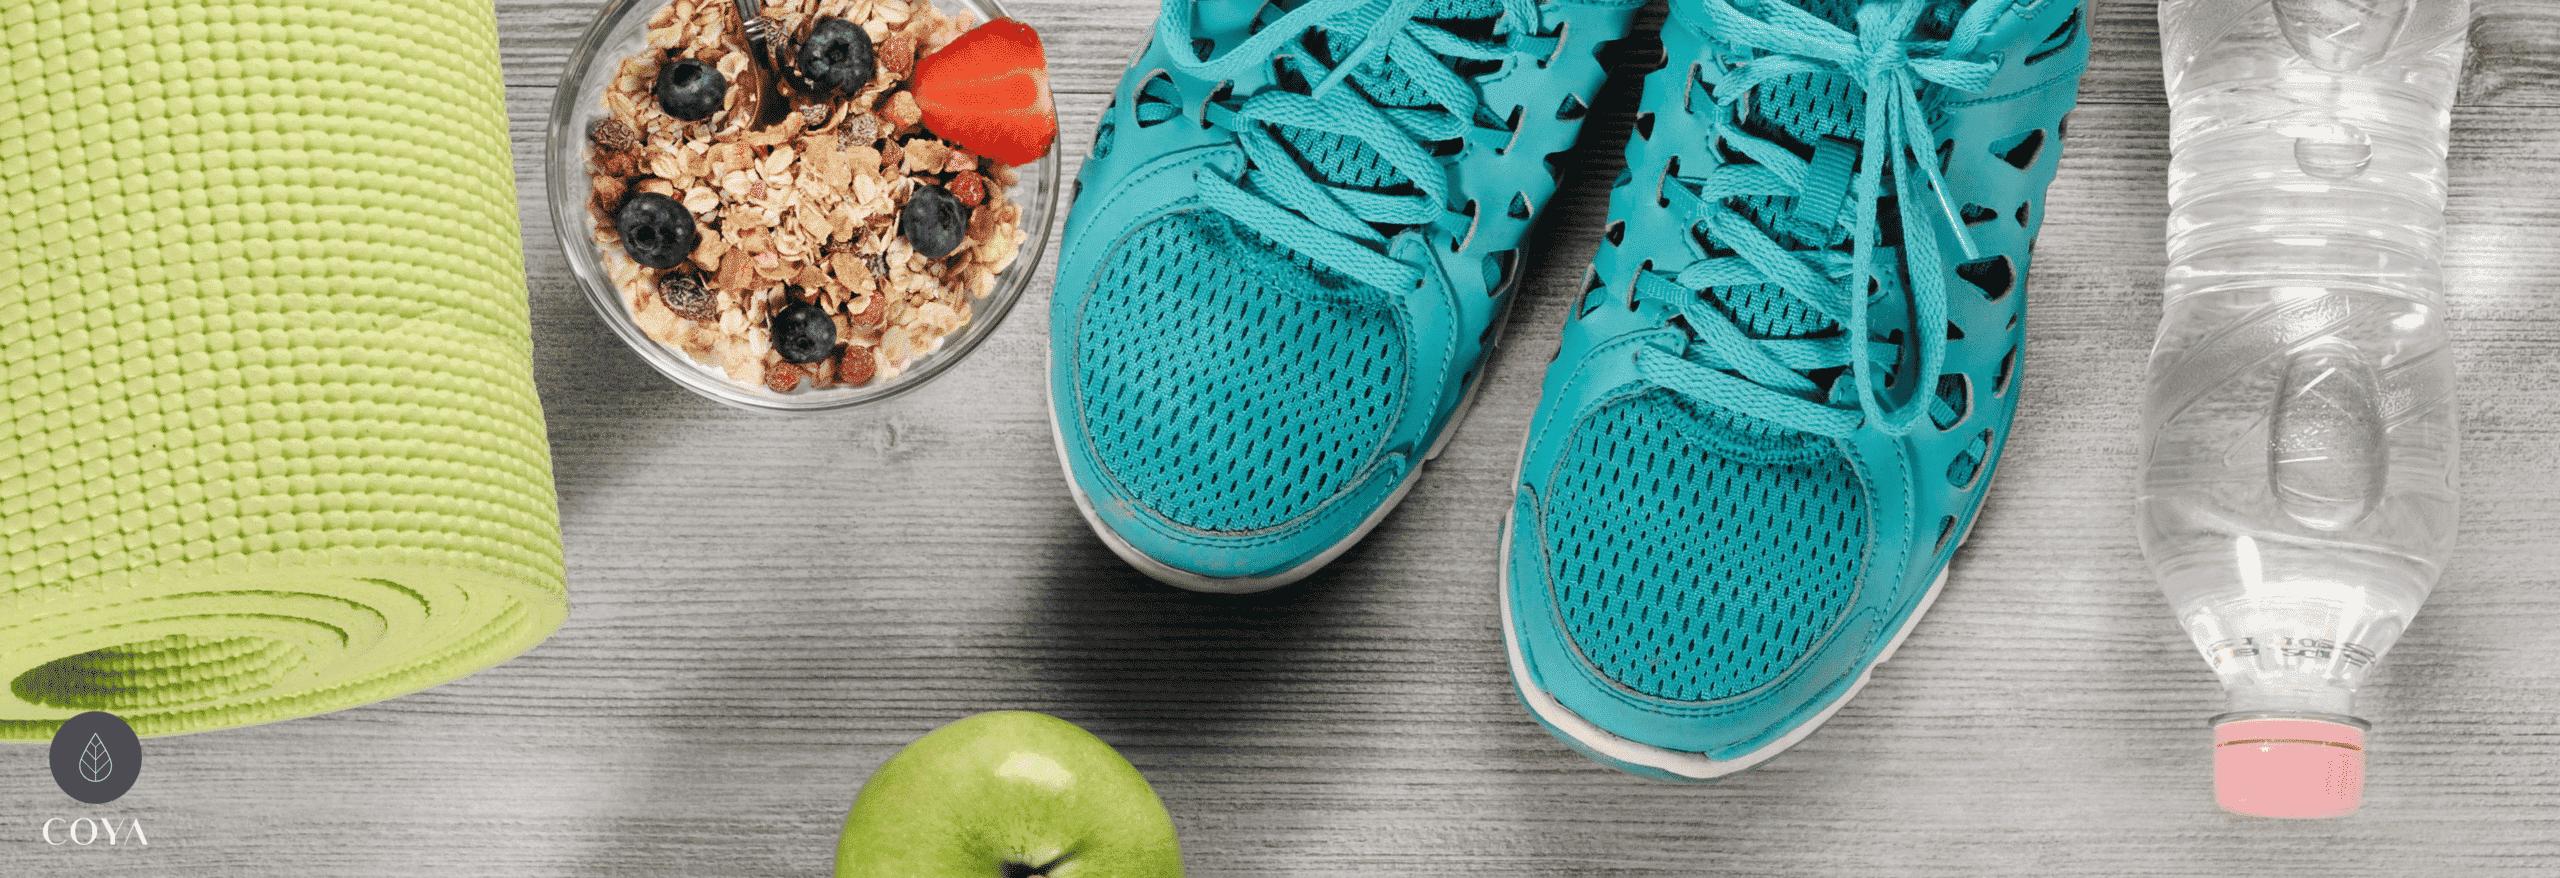 Άλλα οφέλη της κετογονικής δίαιτας